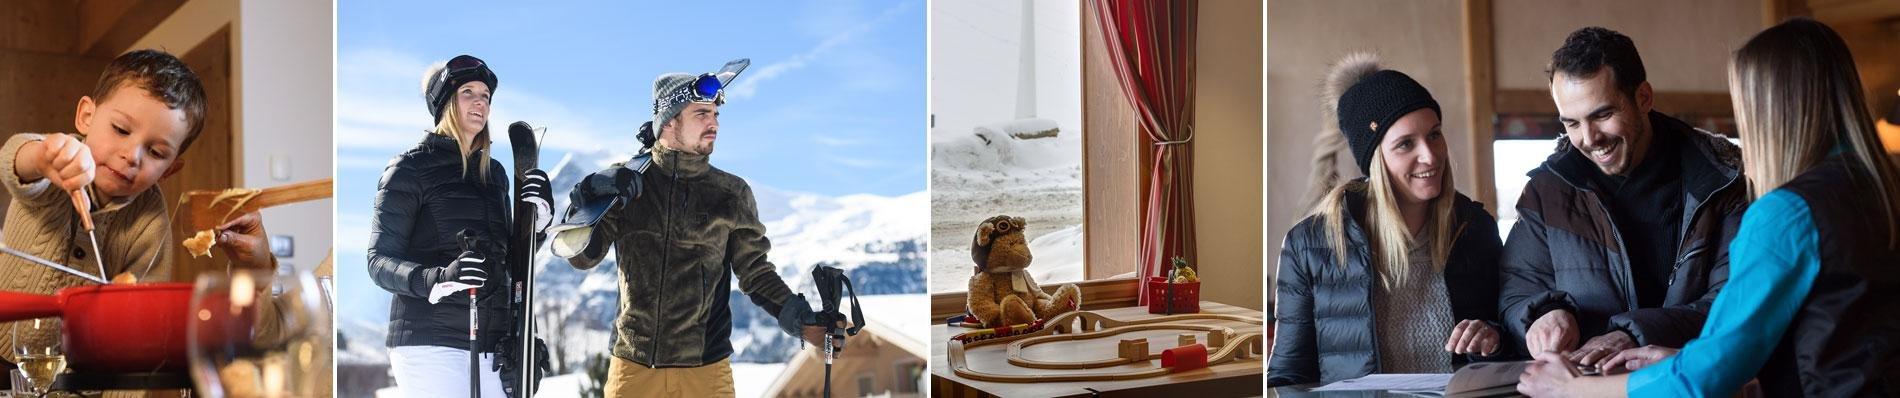 cgh panorama vars risoul wintersport ski